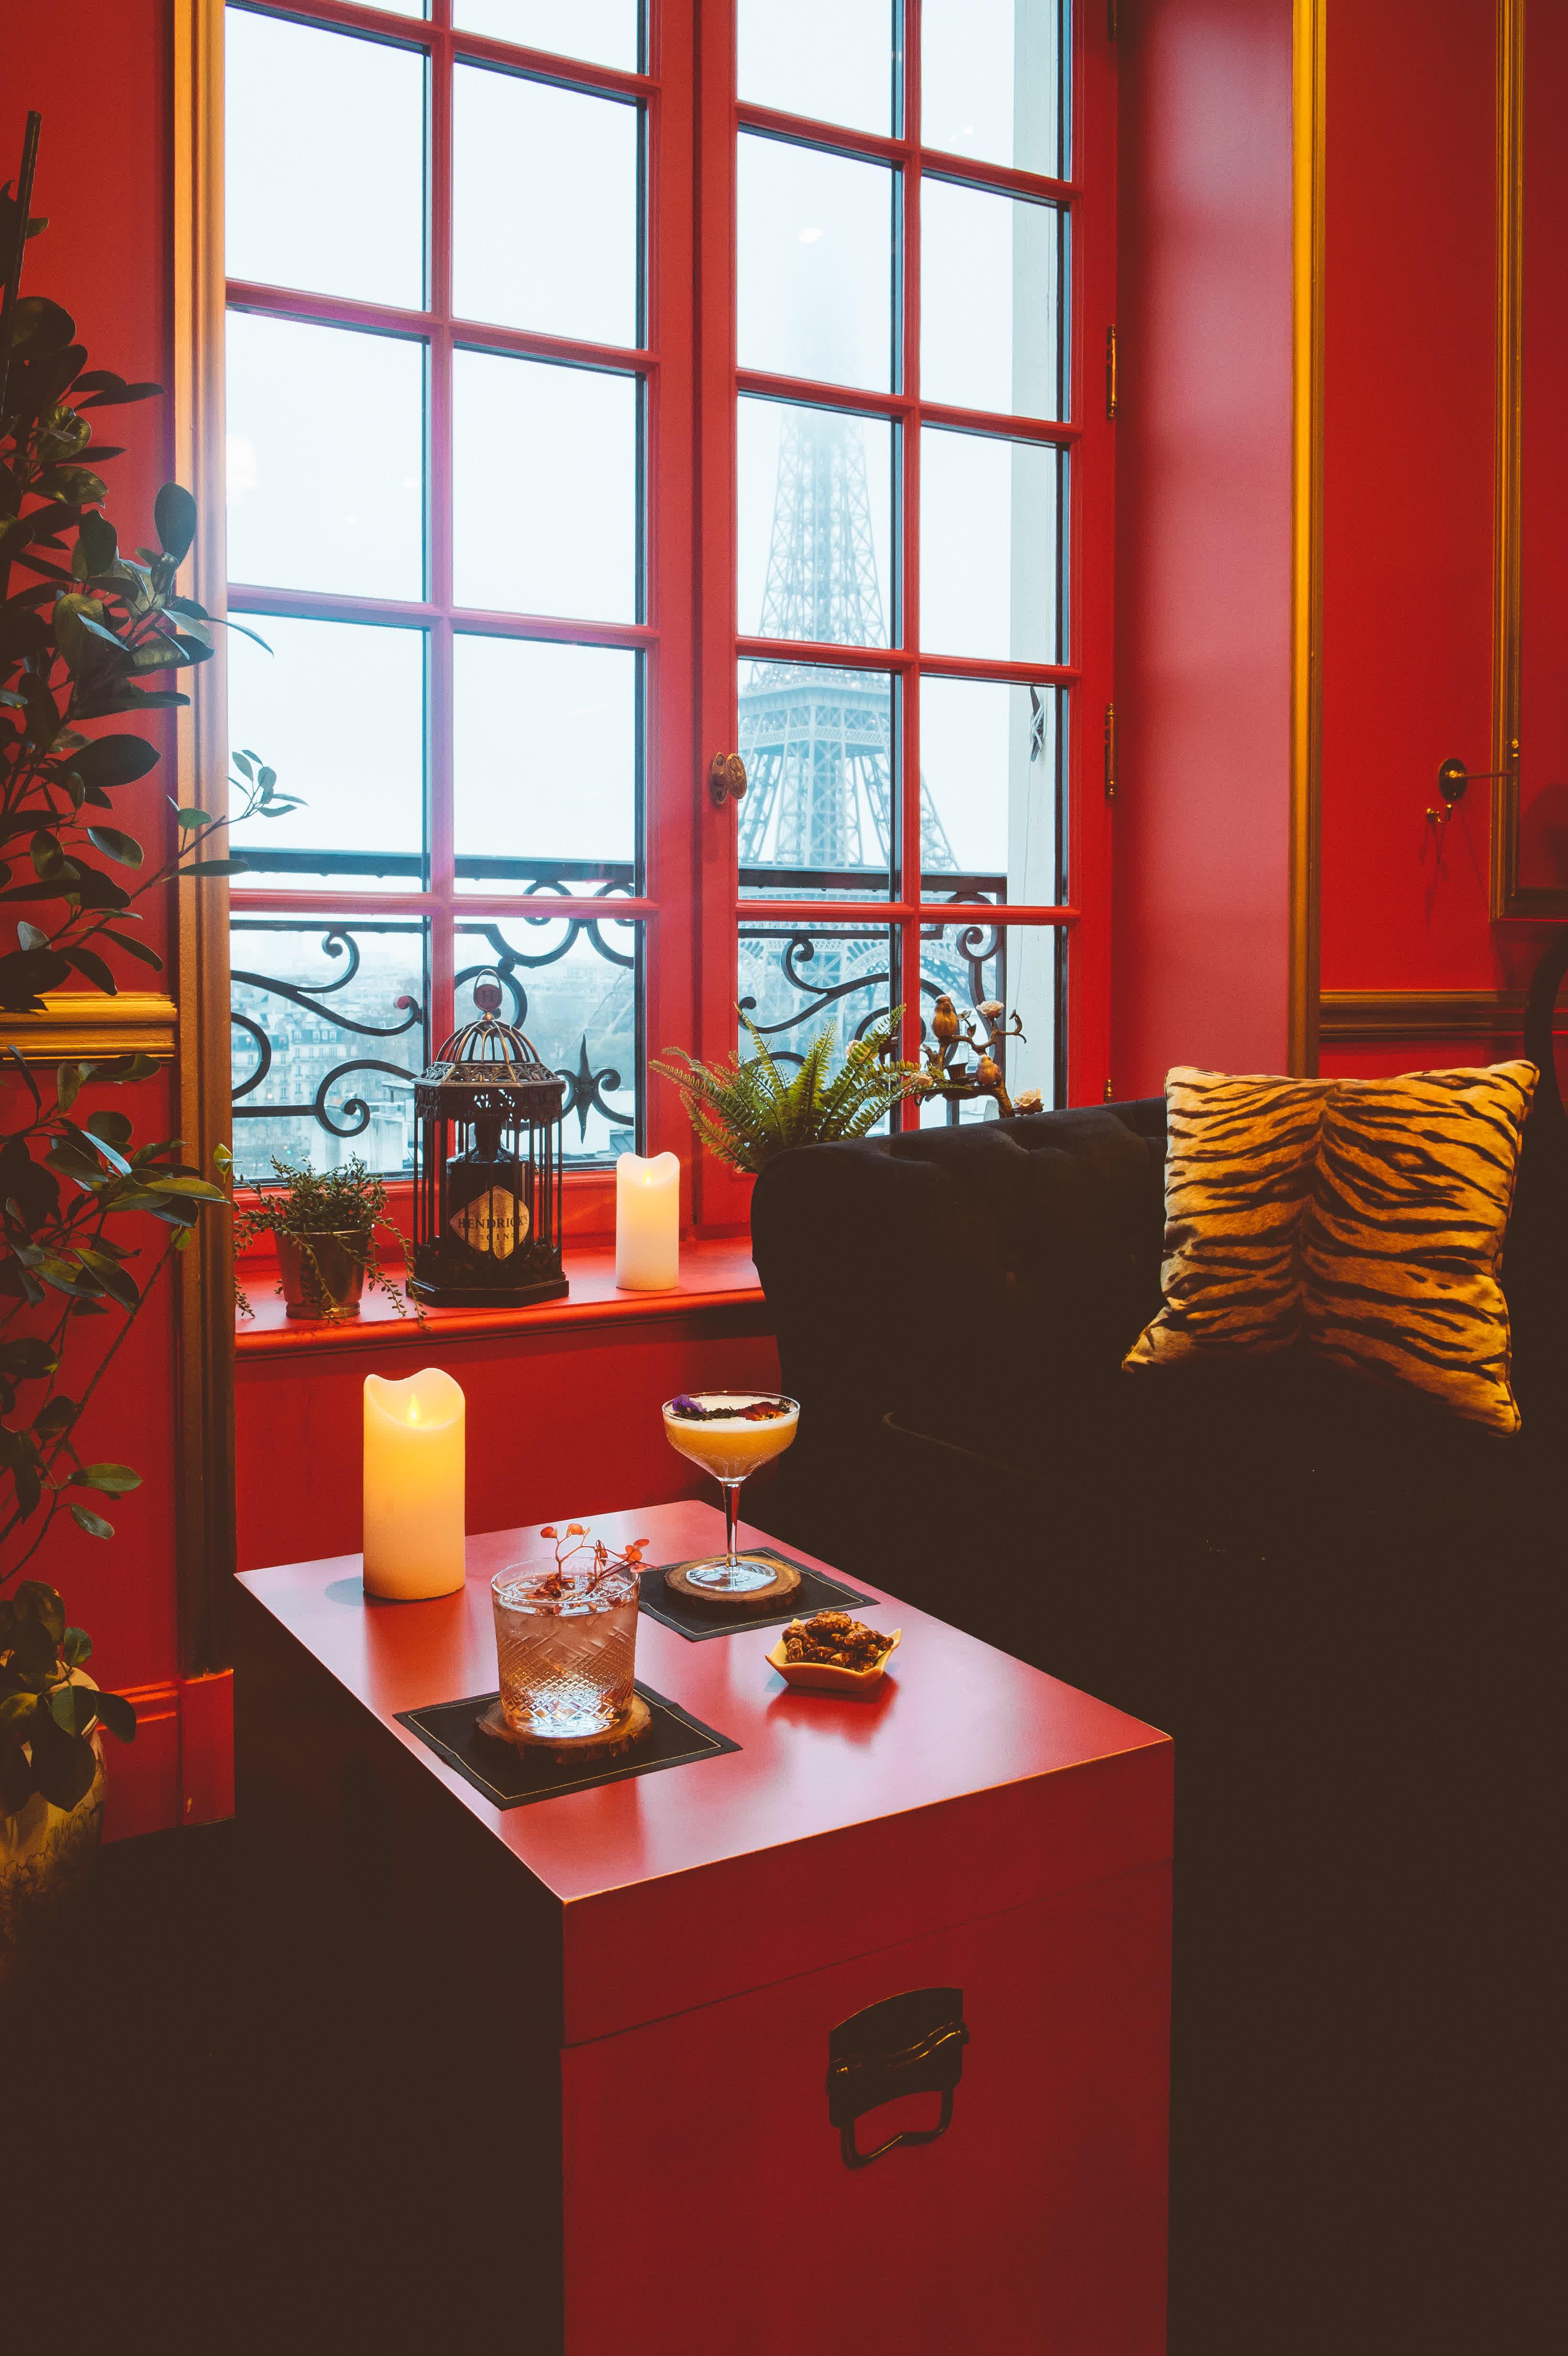 luxury hotel in Paris, Pop-up Bar at the Shangri-la Hotel, shangri la hotel, shangri la paris, shangri la hotel paris,